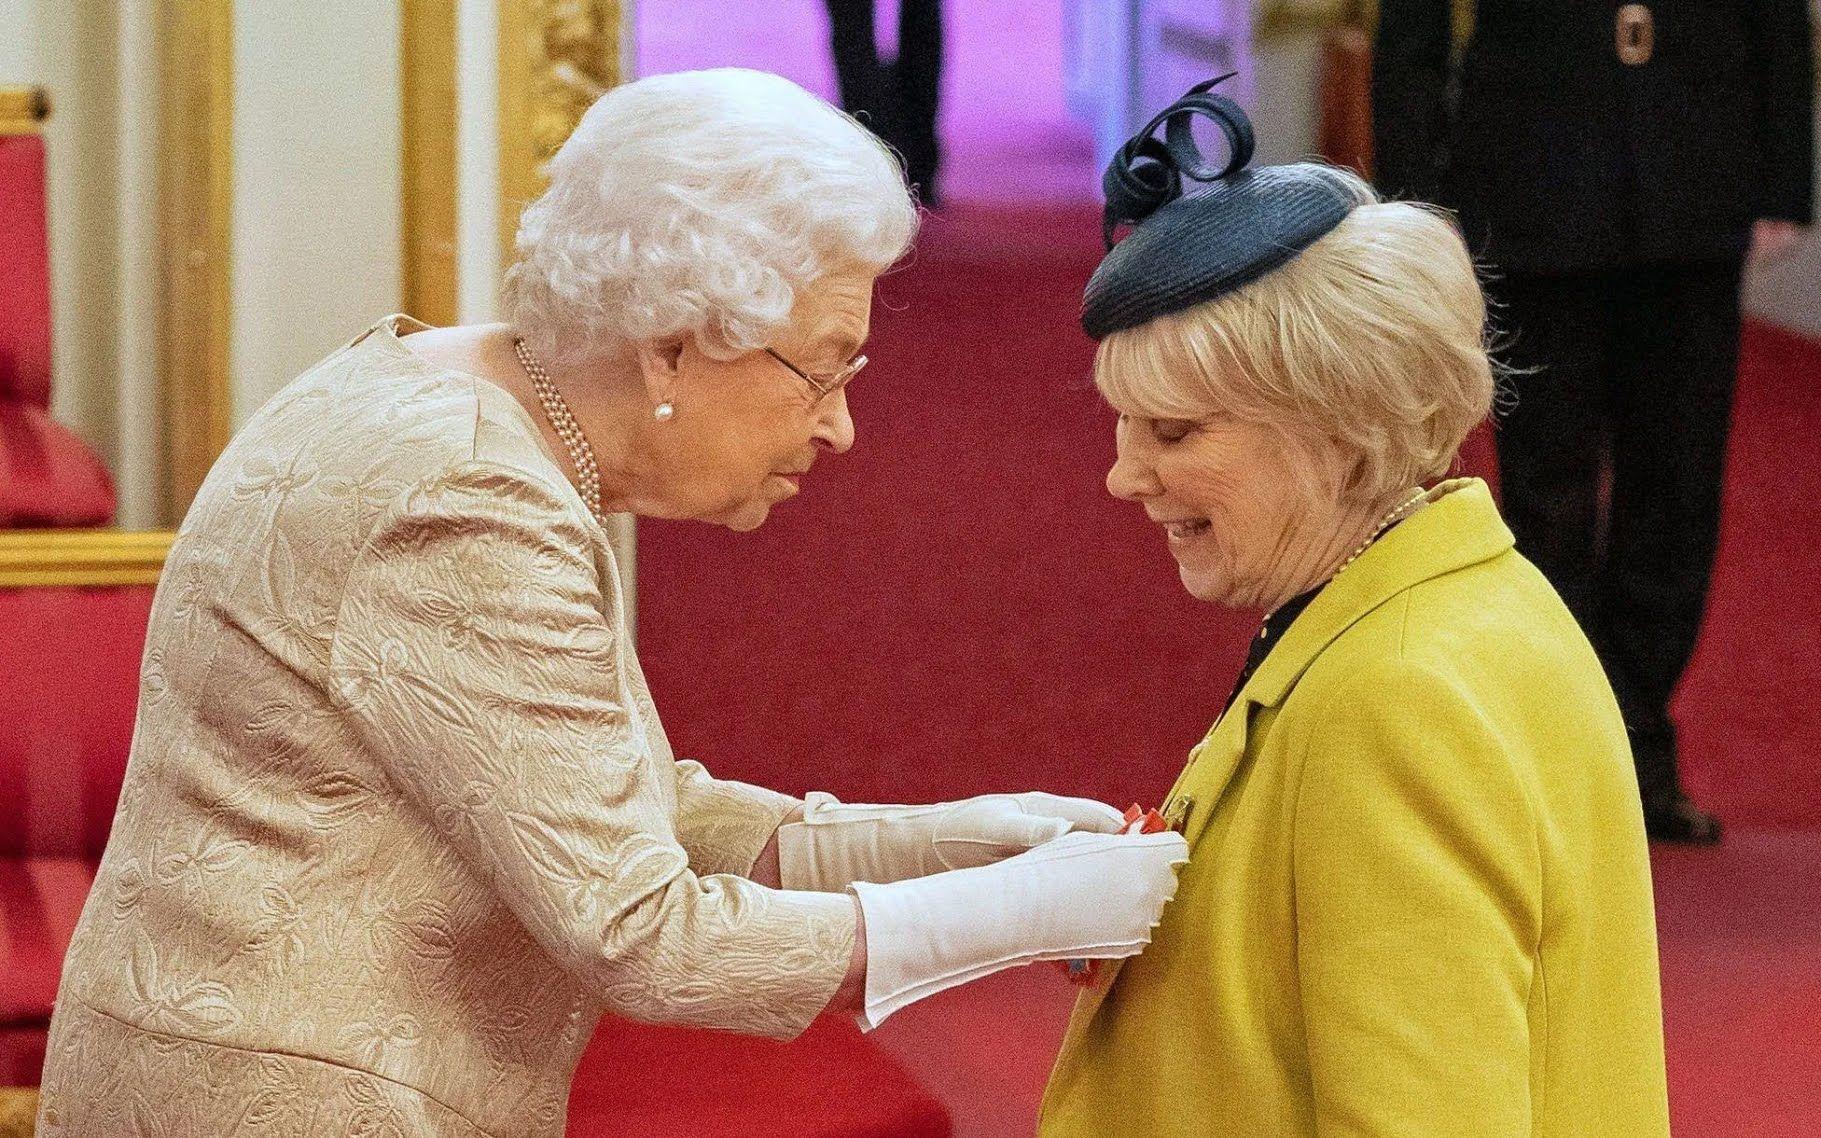 Для королевы Великобритании Елизаветы II изготовят защитные перчатки от коронавируса